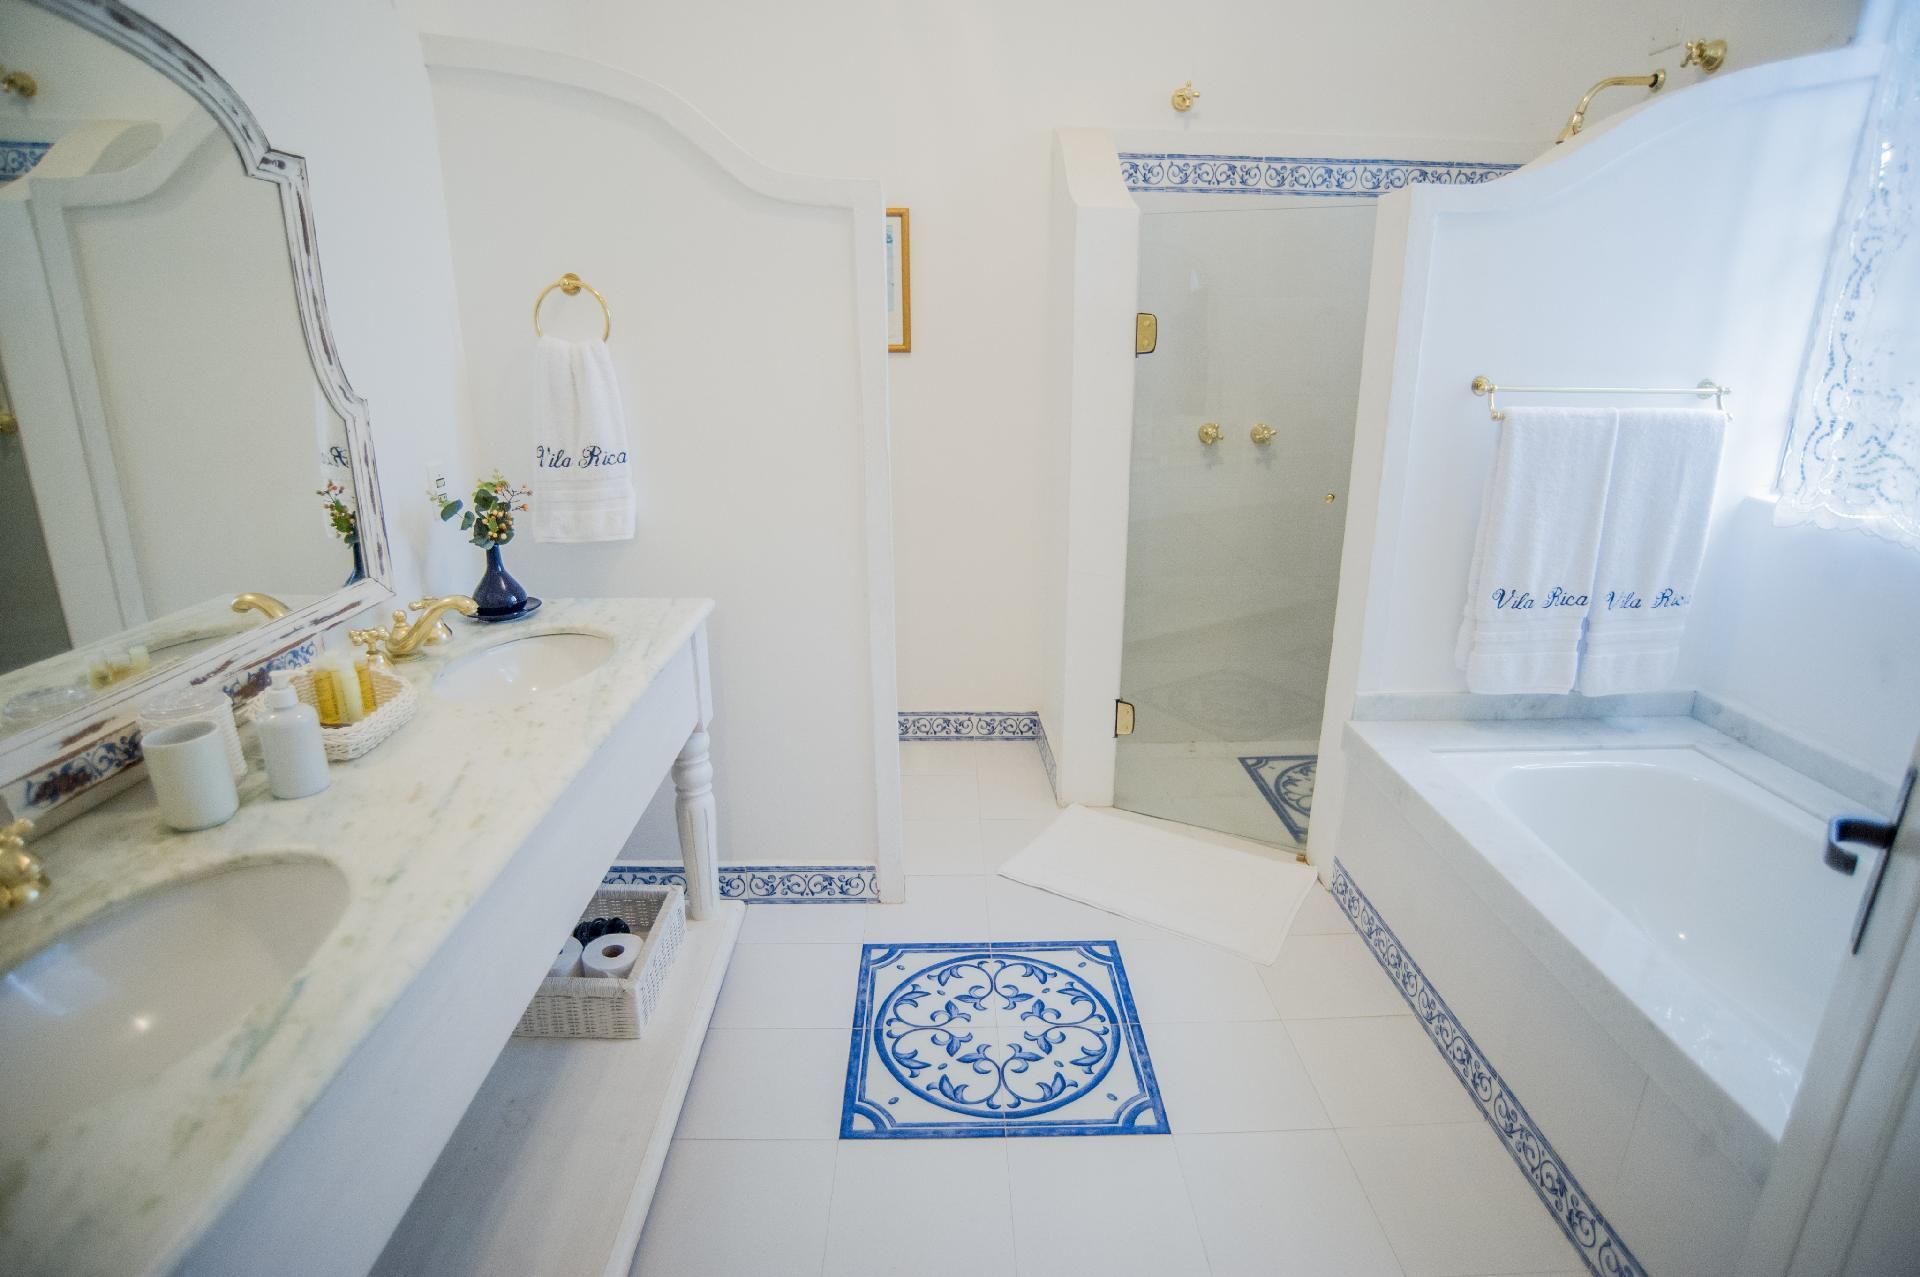 Originalmente o pavimento inferior não tinha banheiros, que foram construídos com a grande reforma nos anos 30. O arquiteto Leonardo Junqueira encontrou vários problemas hidráulicos, o que exigiu repaginação total dessas áreas molhadas, com nova cerâmica azul e branca, em estilo colonial, e bancadas de mármore